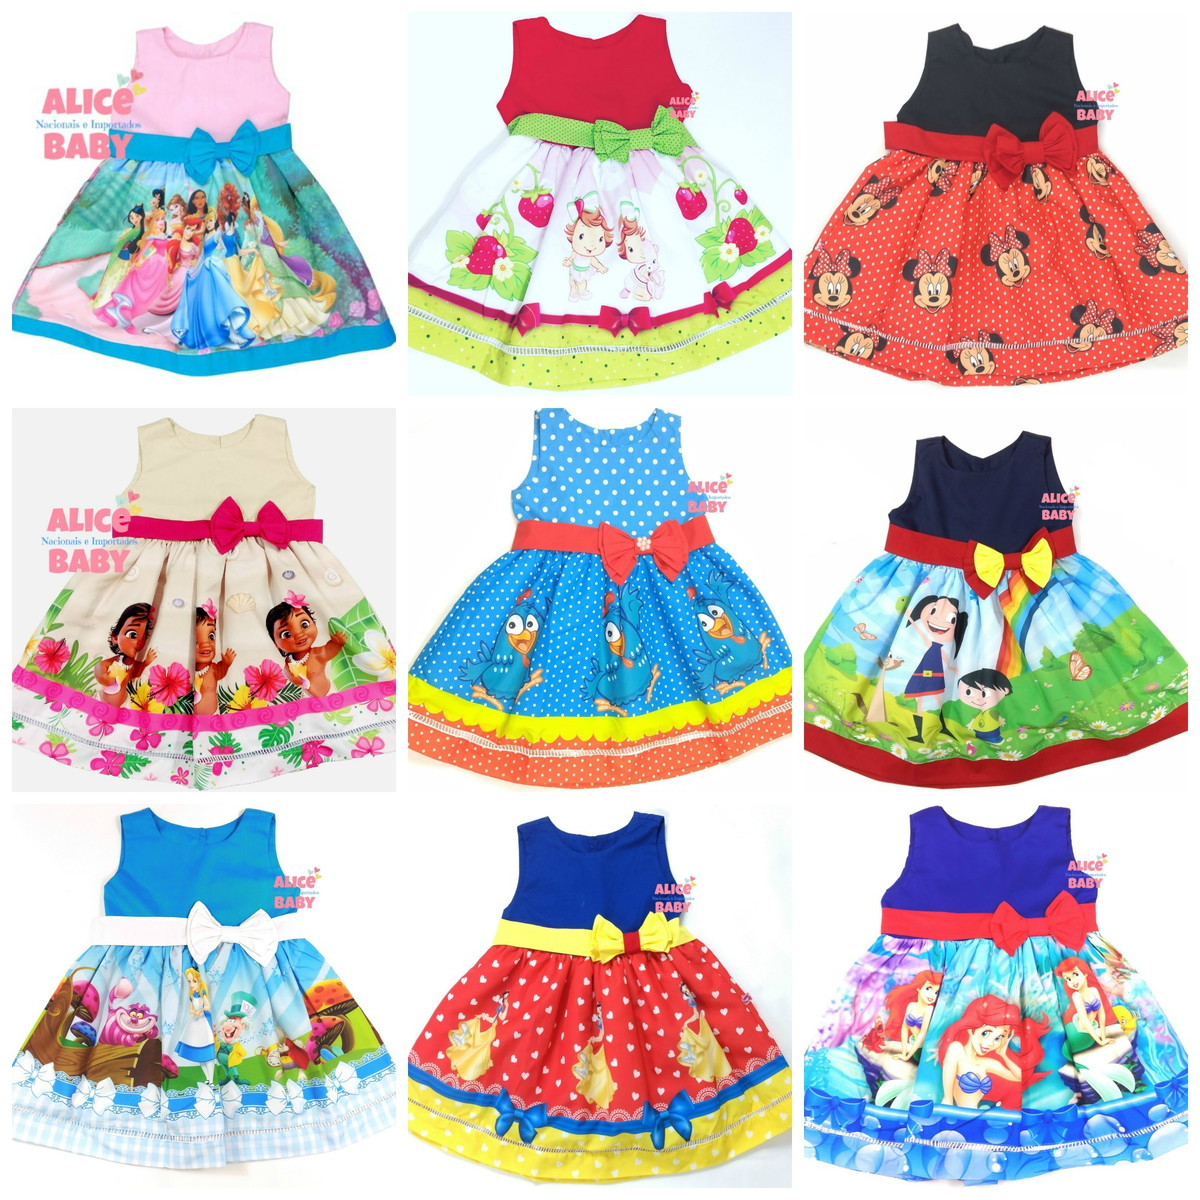 84a61a4b3 Vestido Temático - mais de 50 TEMAS no Elo7   Alice Baby Virtual ...